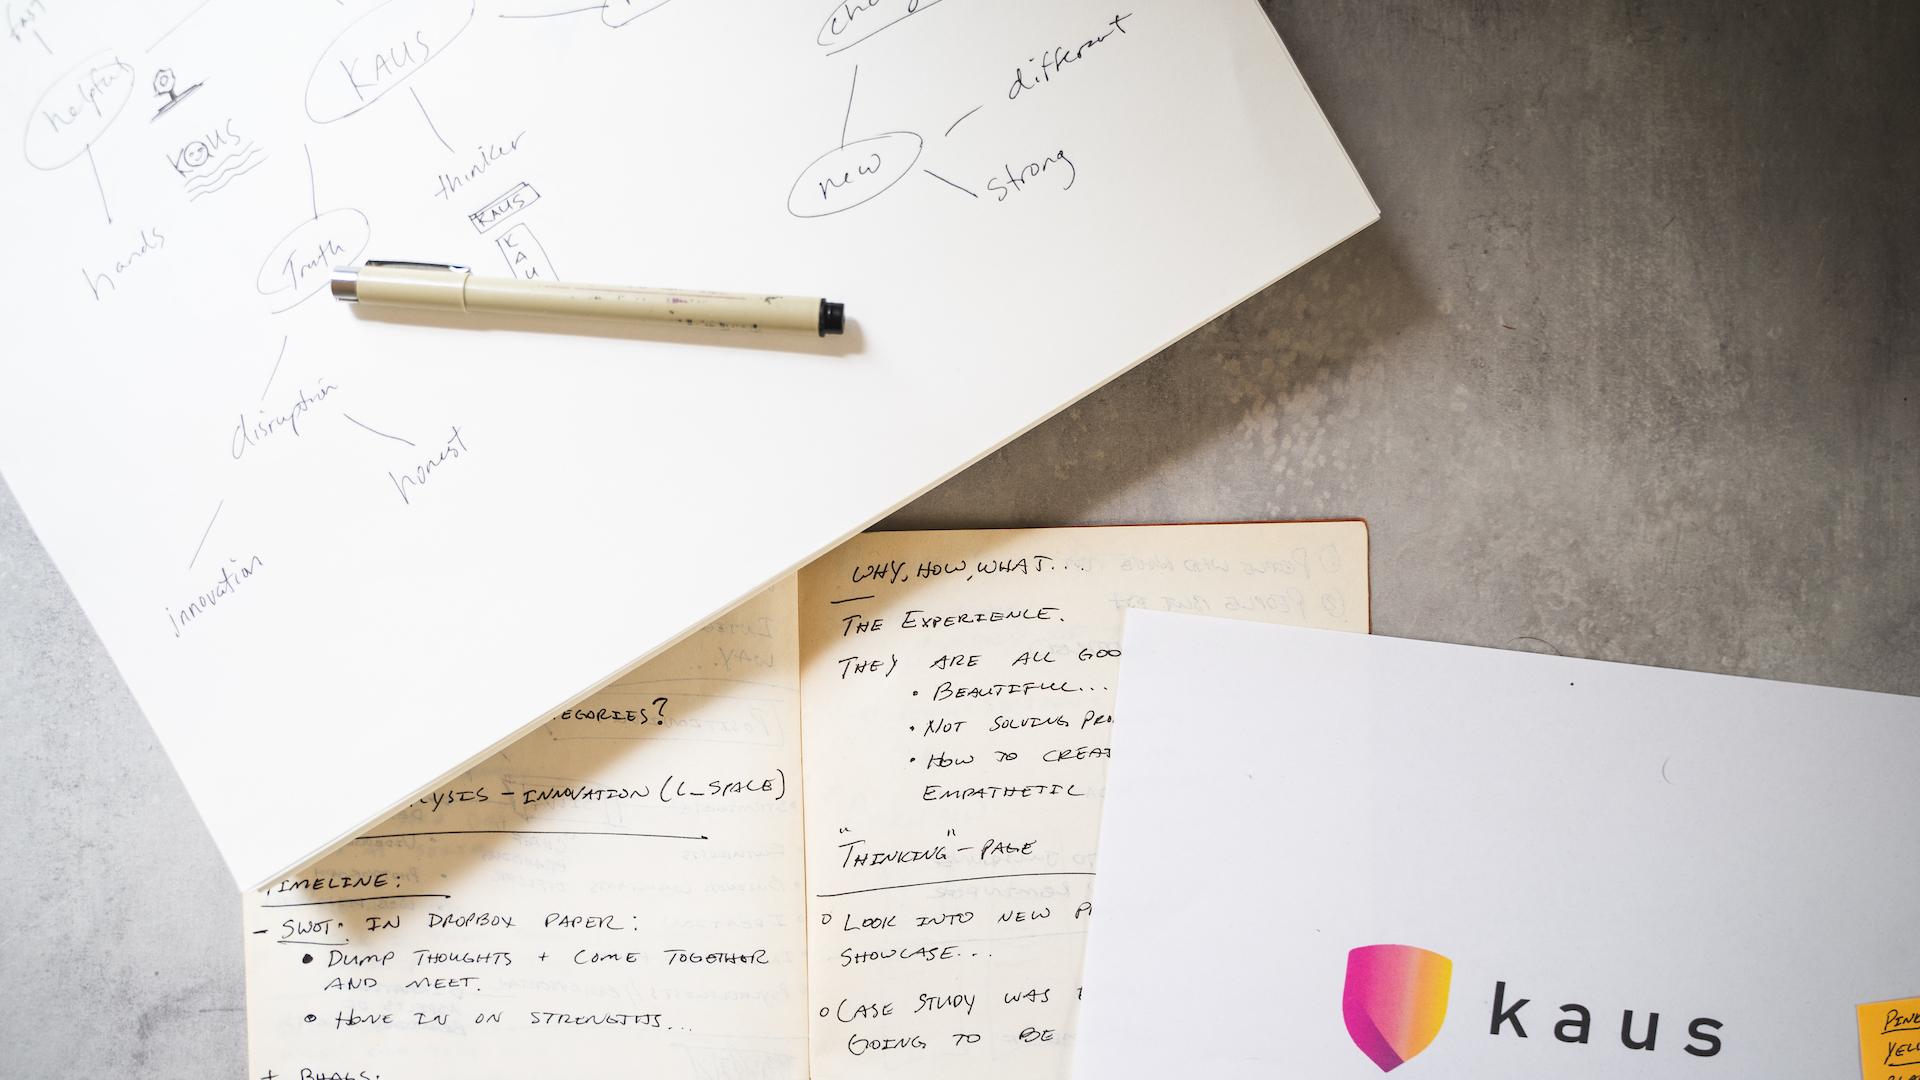 Sean Kelly Designlab UX Academy